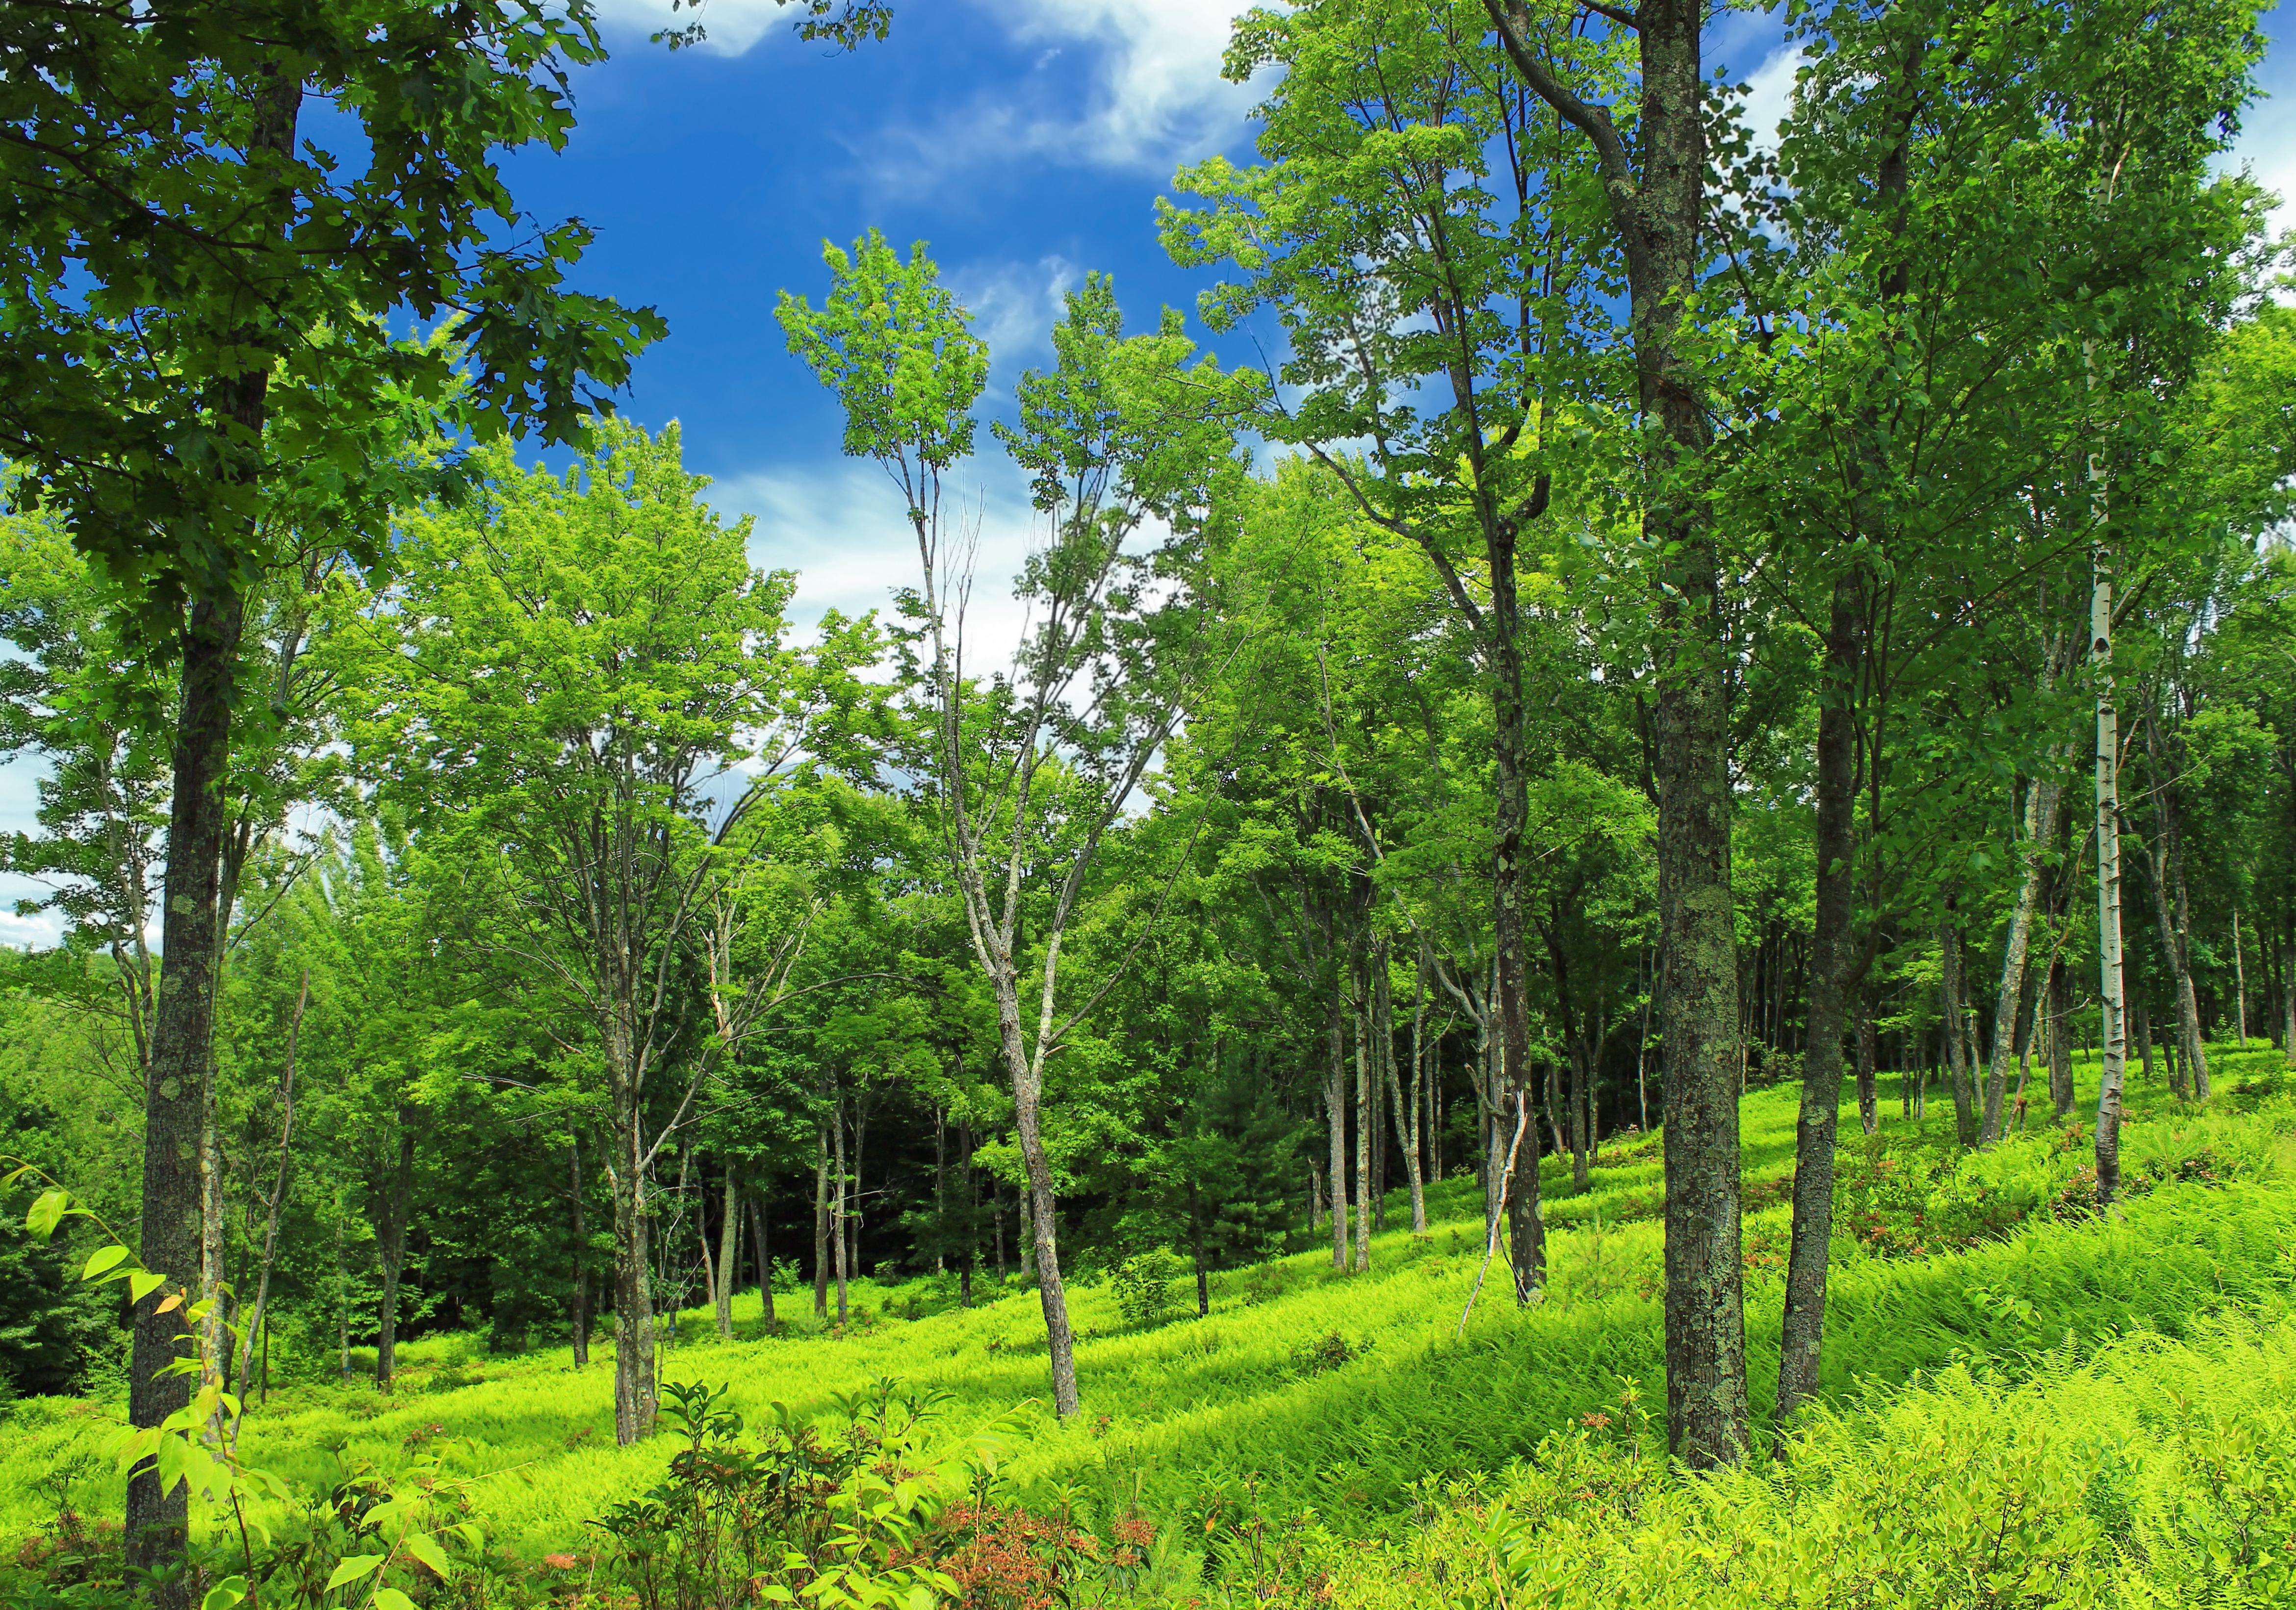 нижней лиственный лес картинки для презентации особи